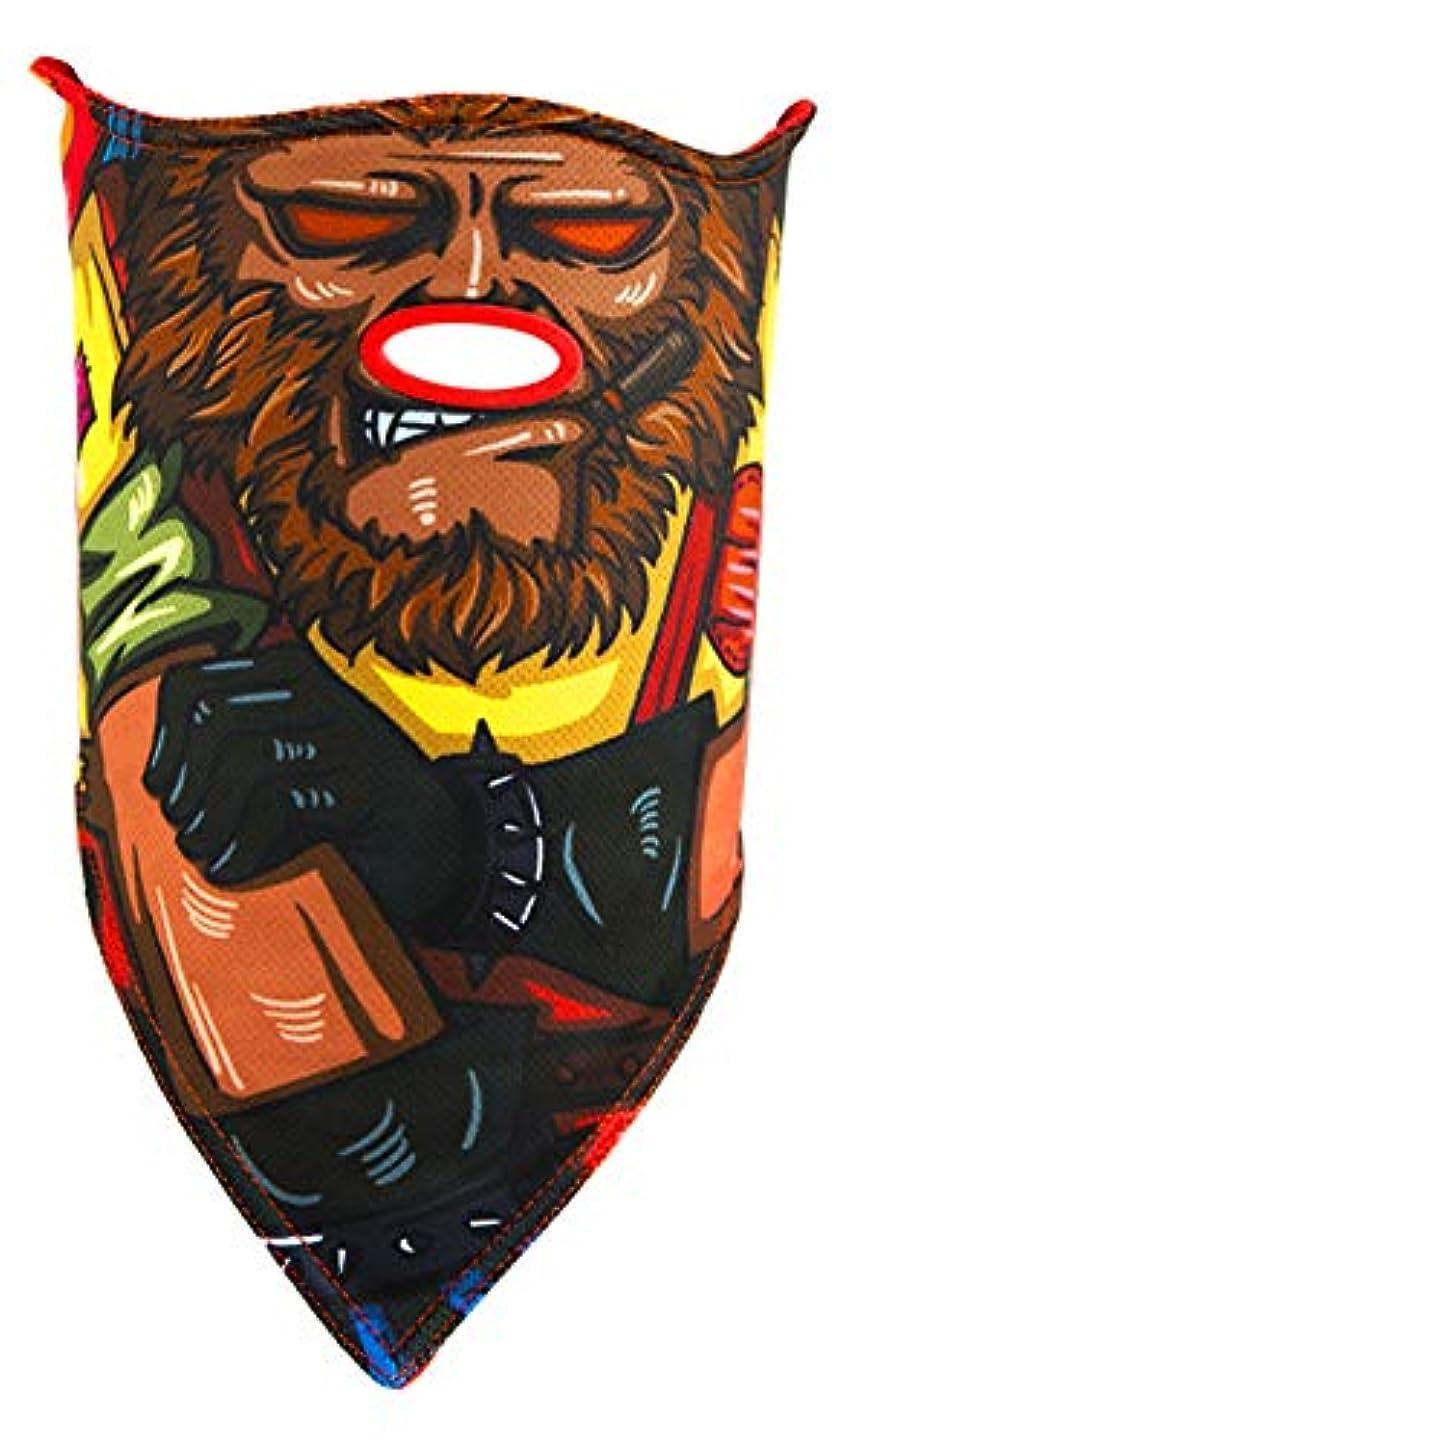 クラックポット冒険家義務づけるスキーマスク成人男性と女性冬フリース防風暖かいシングルダブルボードスキー通気性の顔,B